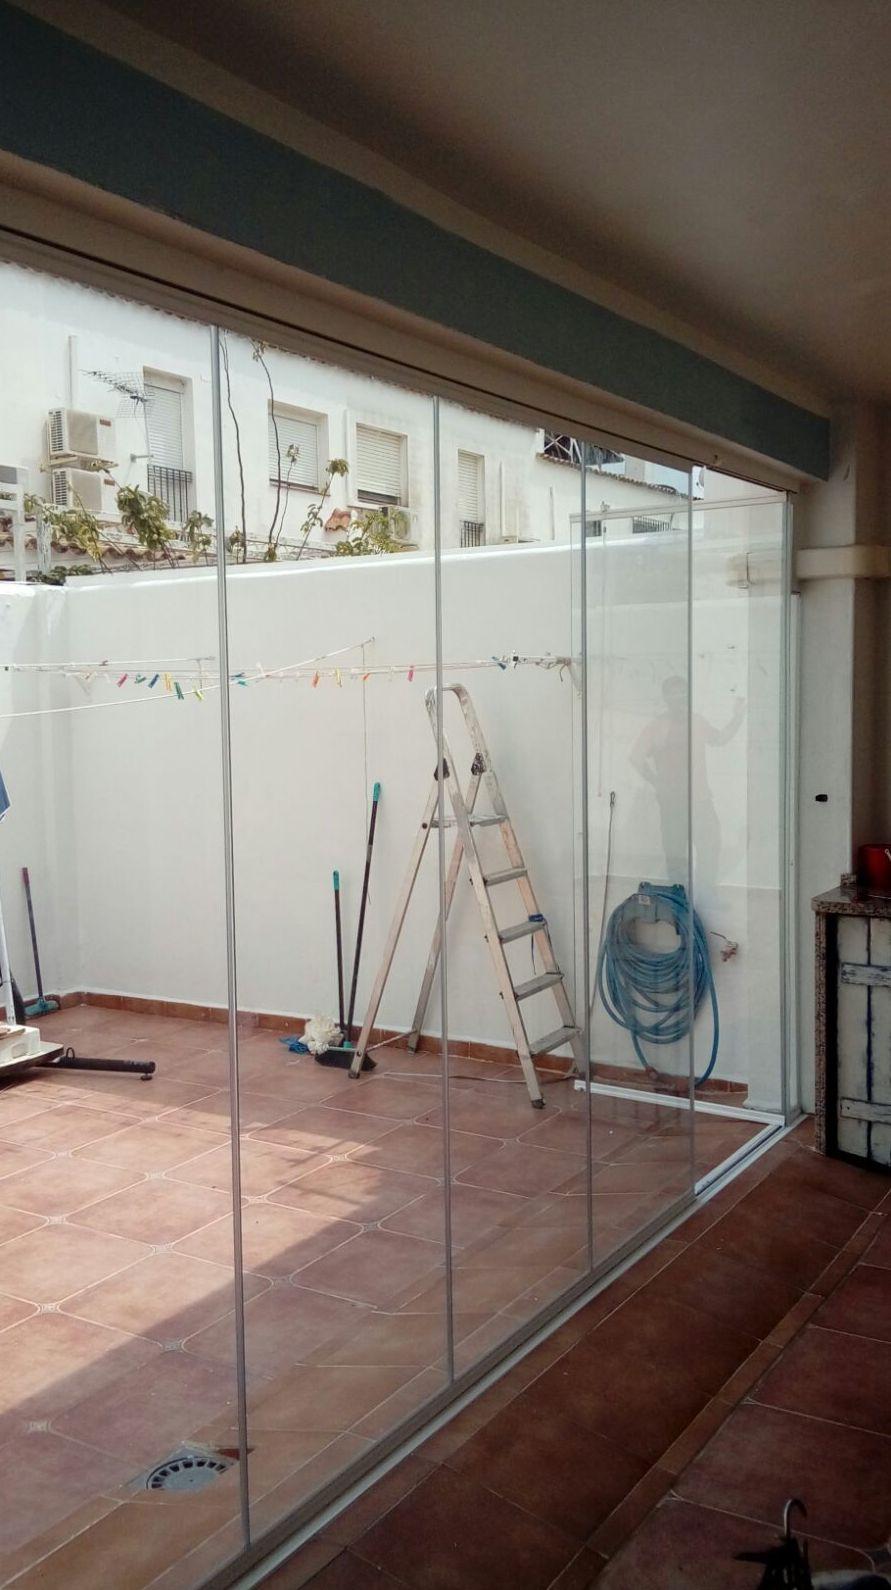 Cortina de cristal como salida a patio interior de la casa.